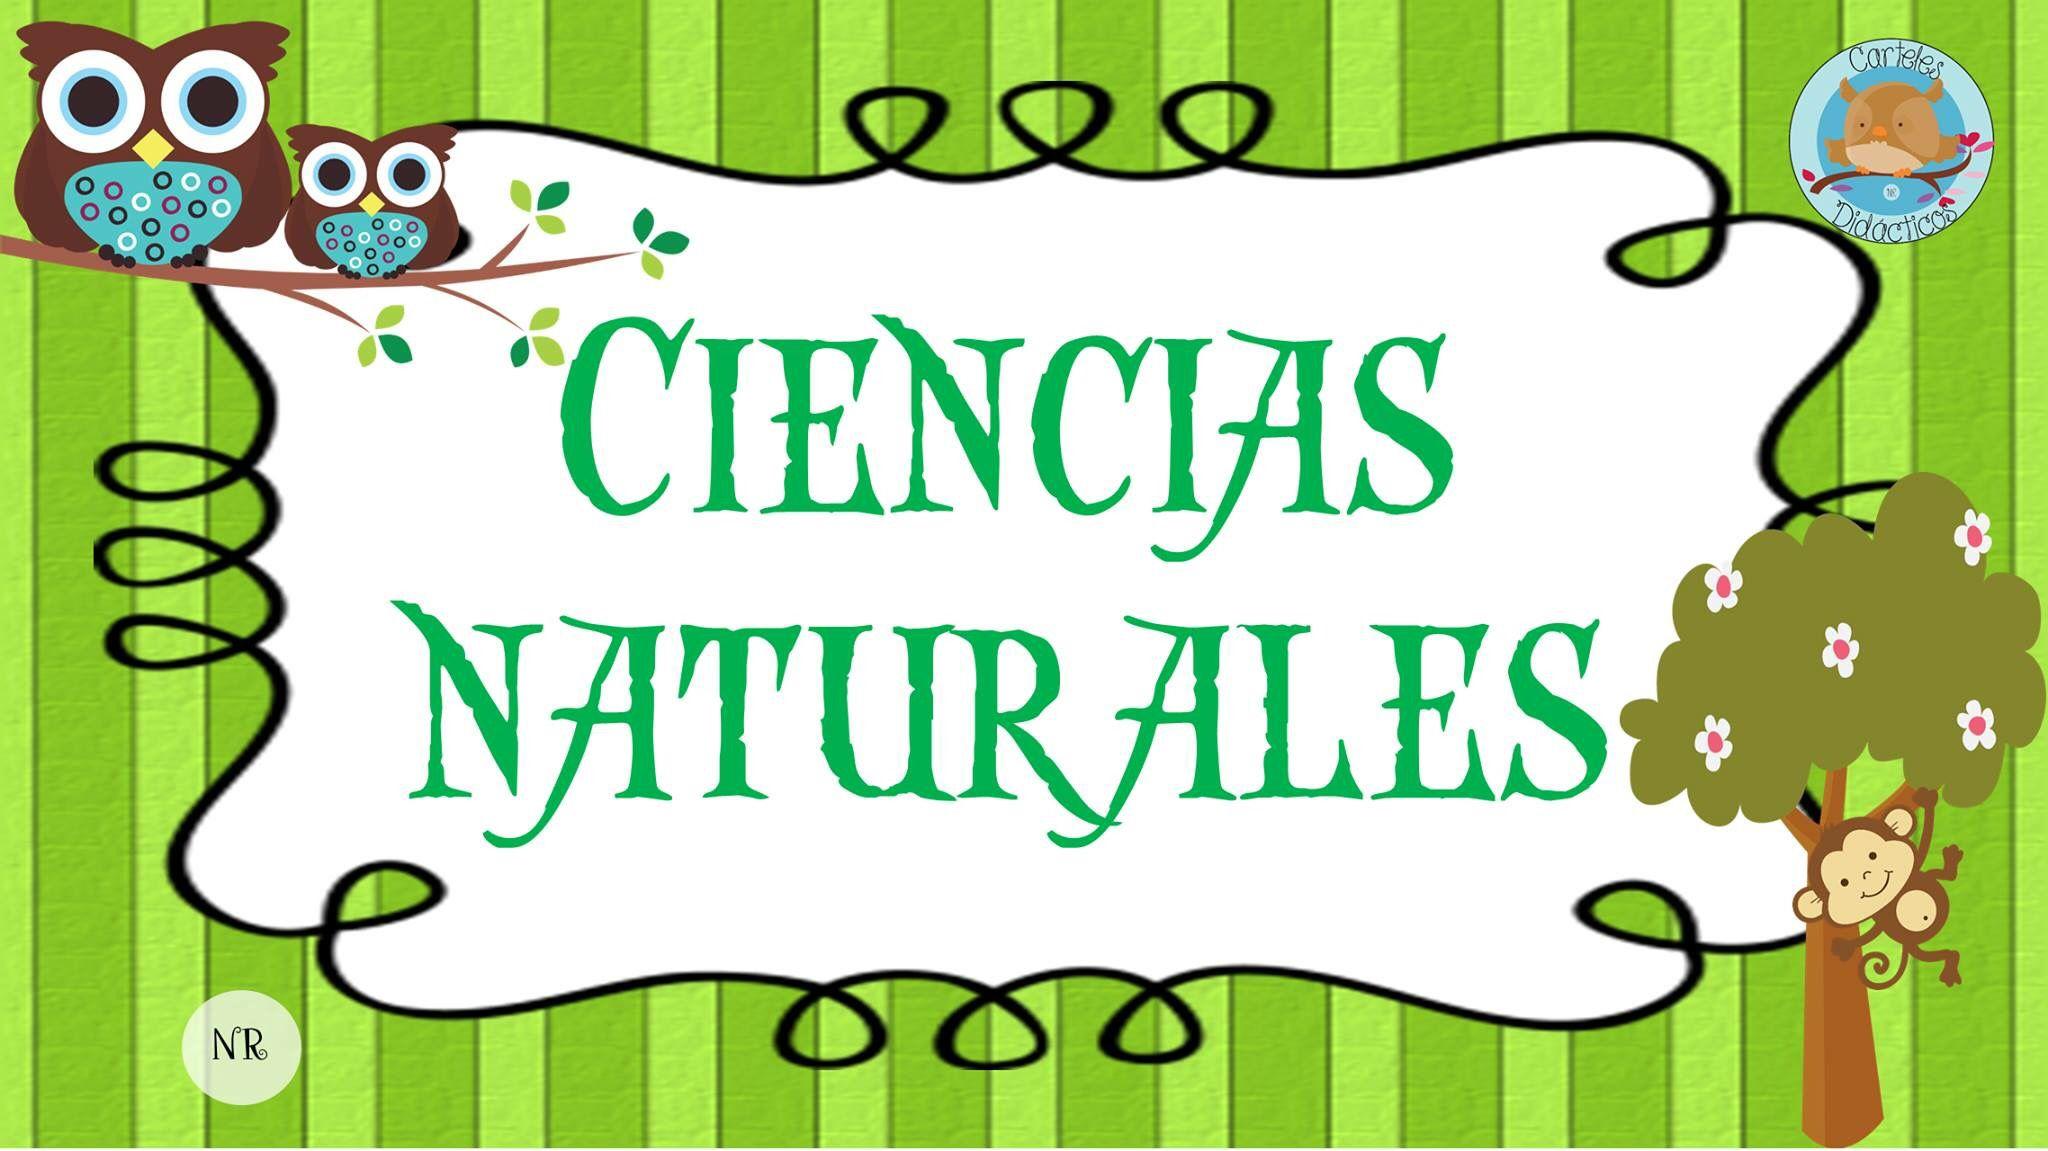 Ciencias Naturales Ciencias Naturales Ensenanza Biologia Dibujo De Navidad